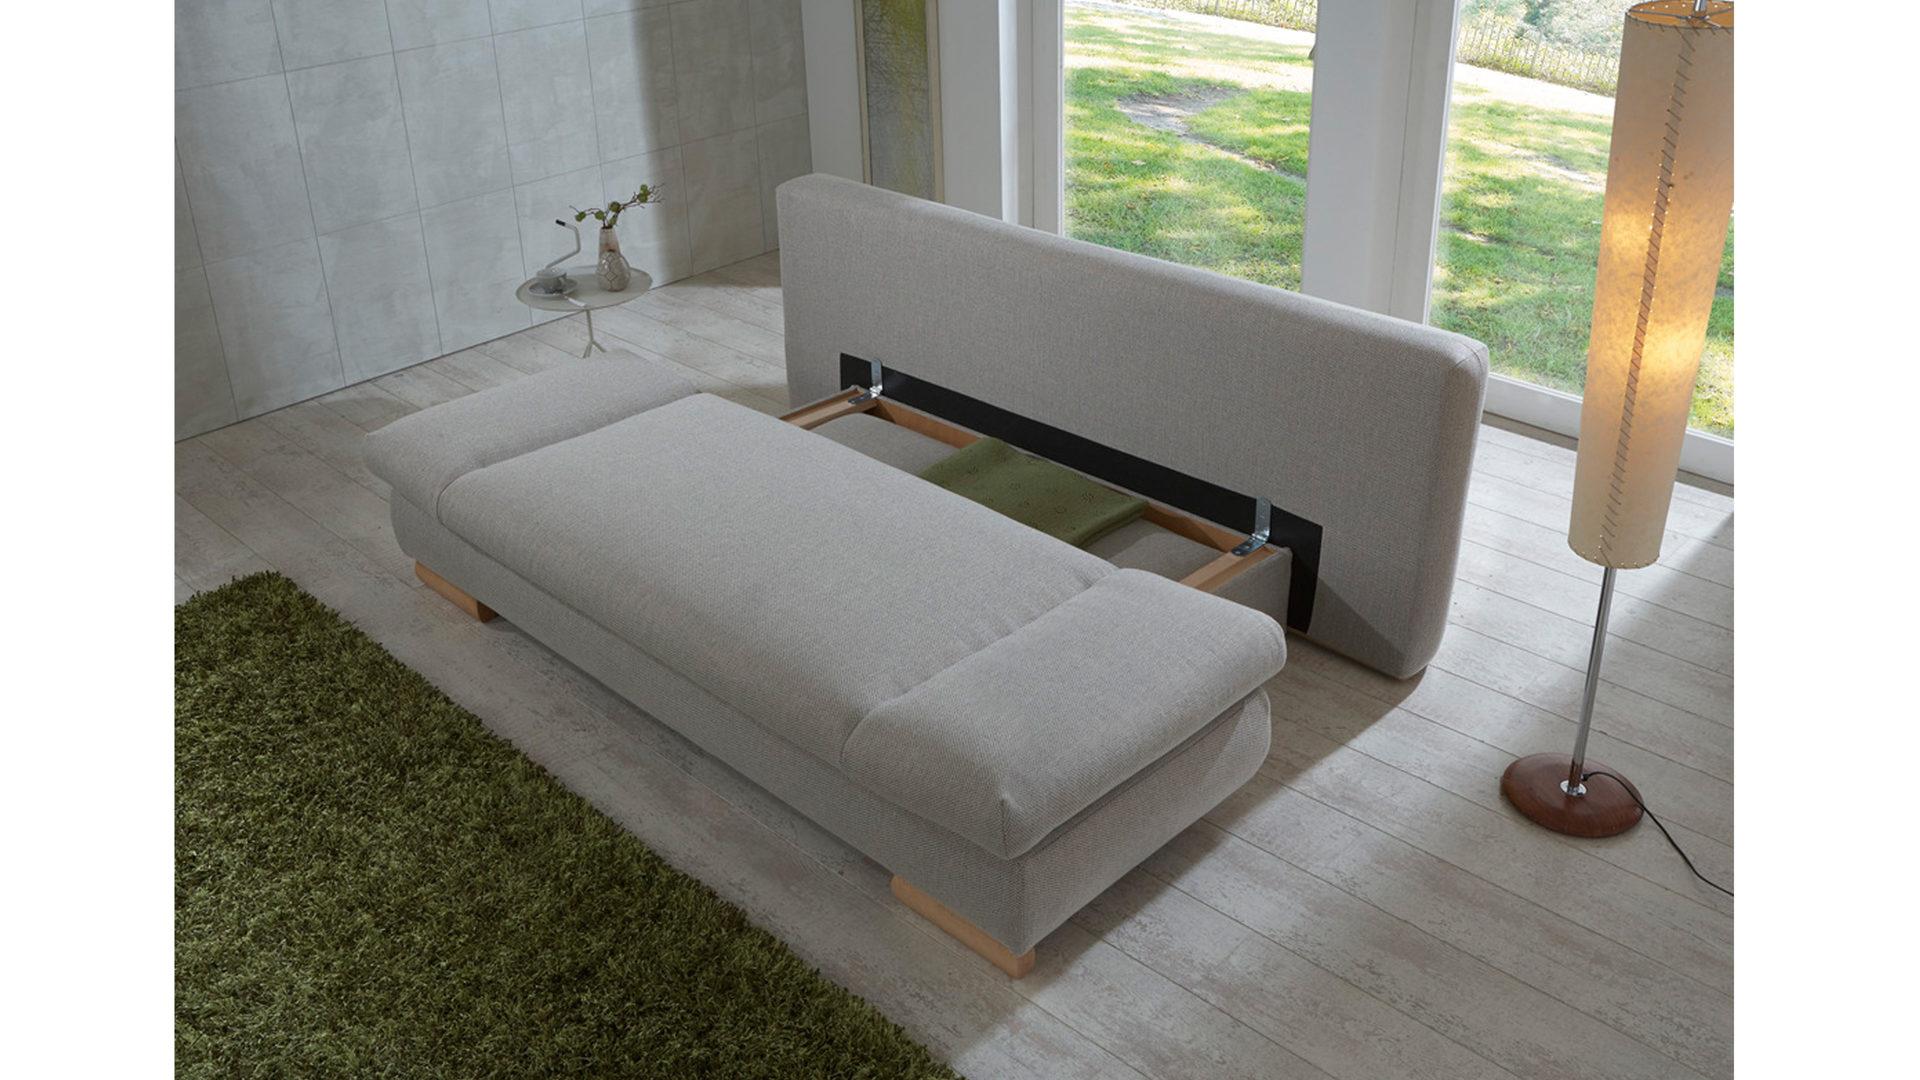 Schlafsofa jugendzimmer grau  Hertel Möbel Gesees | Räume | Jugendzimmer + Kinderzimmer | Sofas ...